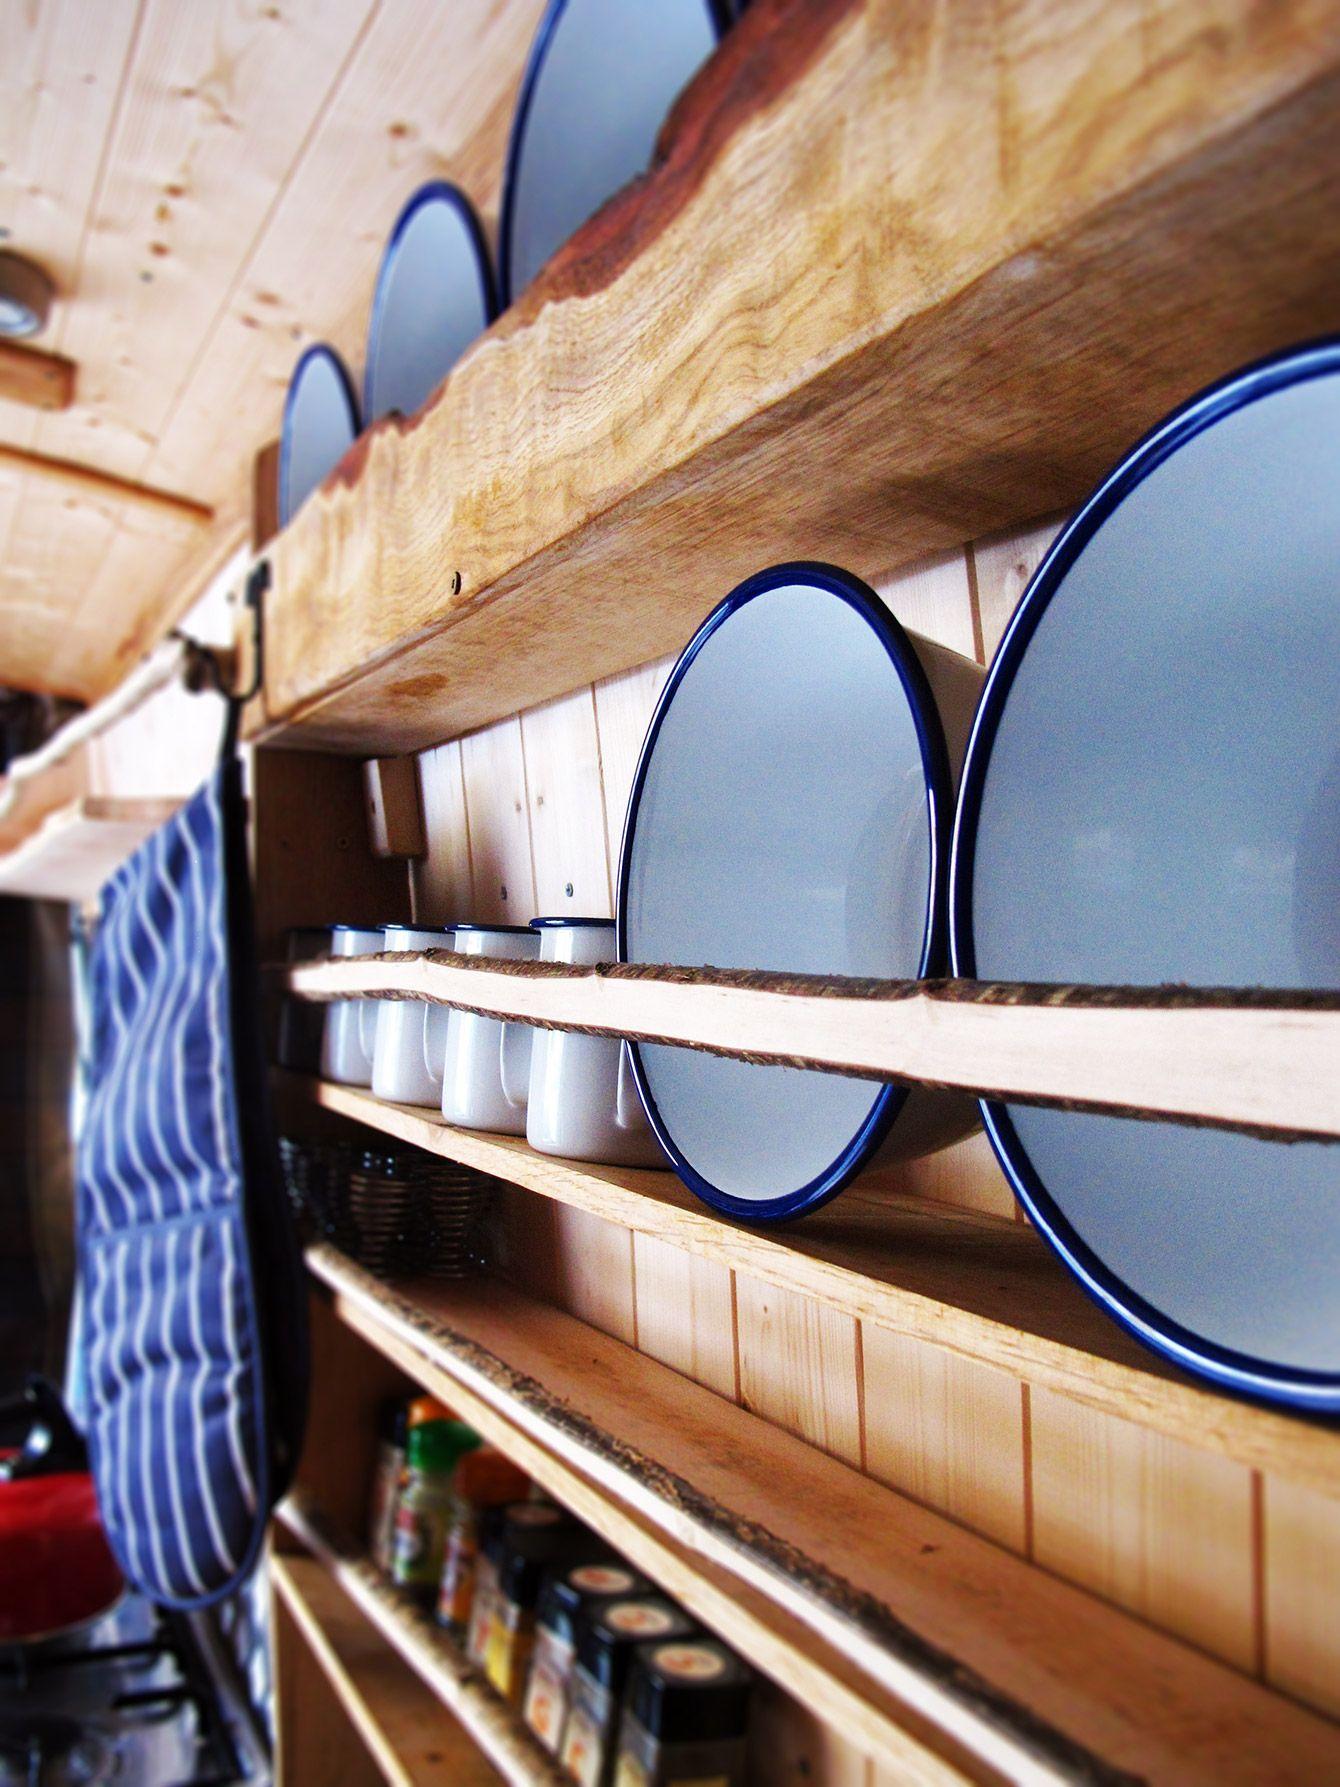 geschirr aufbewahrung im camping bus wohnwagen pinterest campingbus camping und wohnmobil. Black Bedroom Furniture Sets. Home Design Ideas